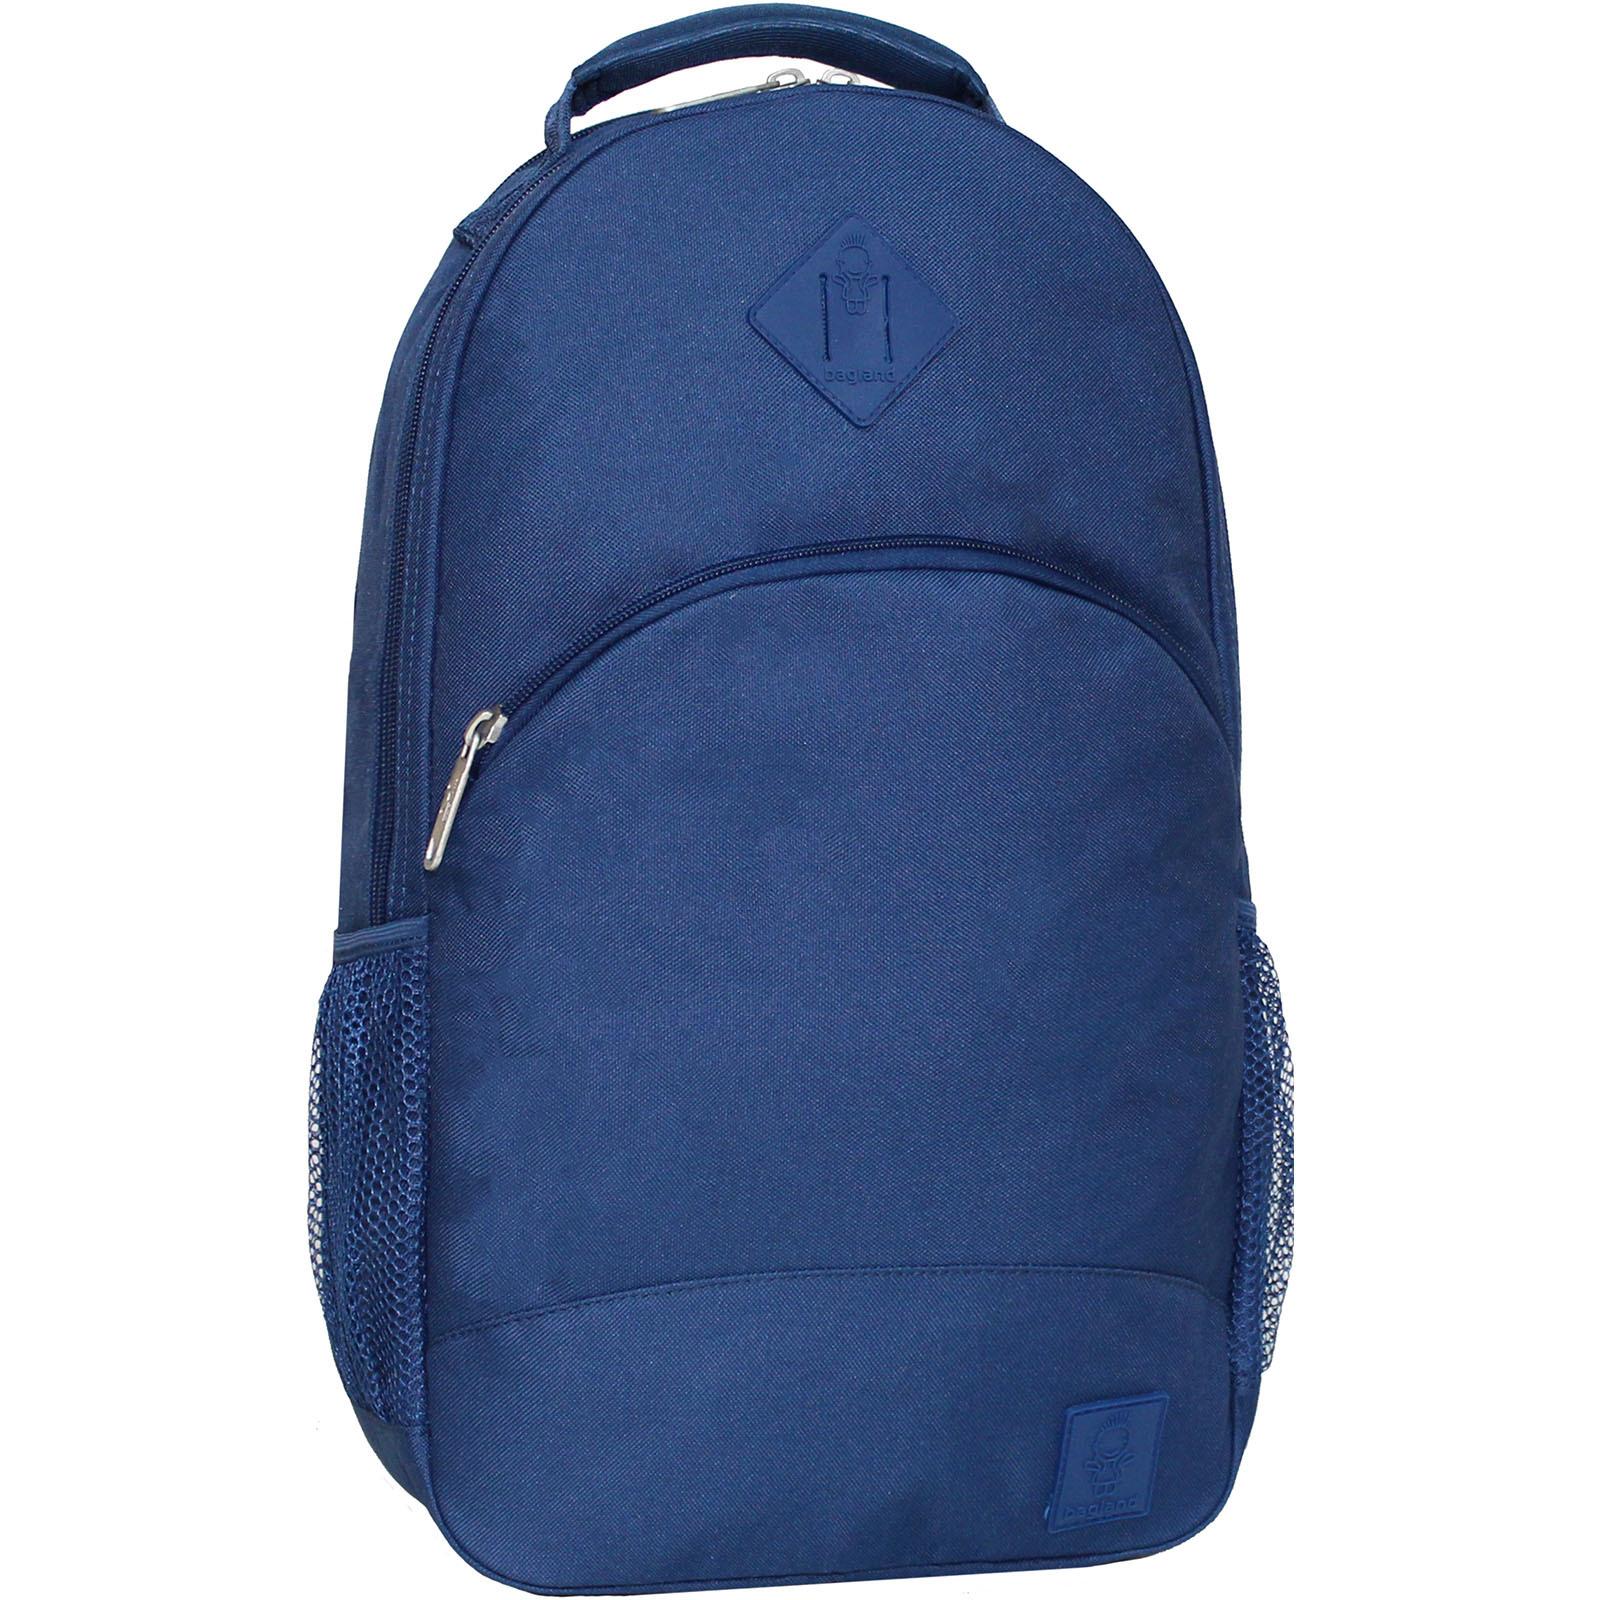 Рюкзаки для ноутбука Рюкзак Bagland UltraMax 20 л. Синий (00534662) IMG_1572.JPG